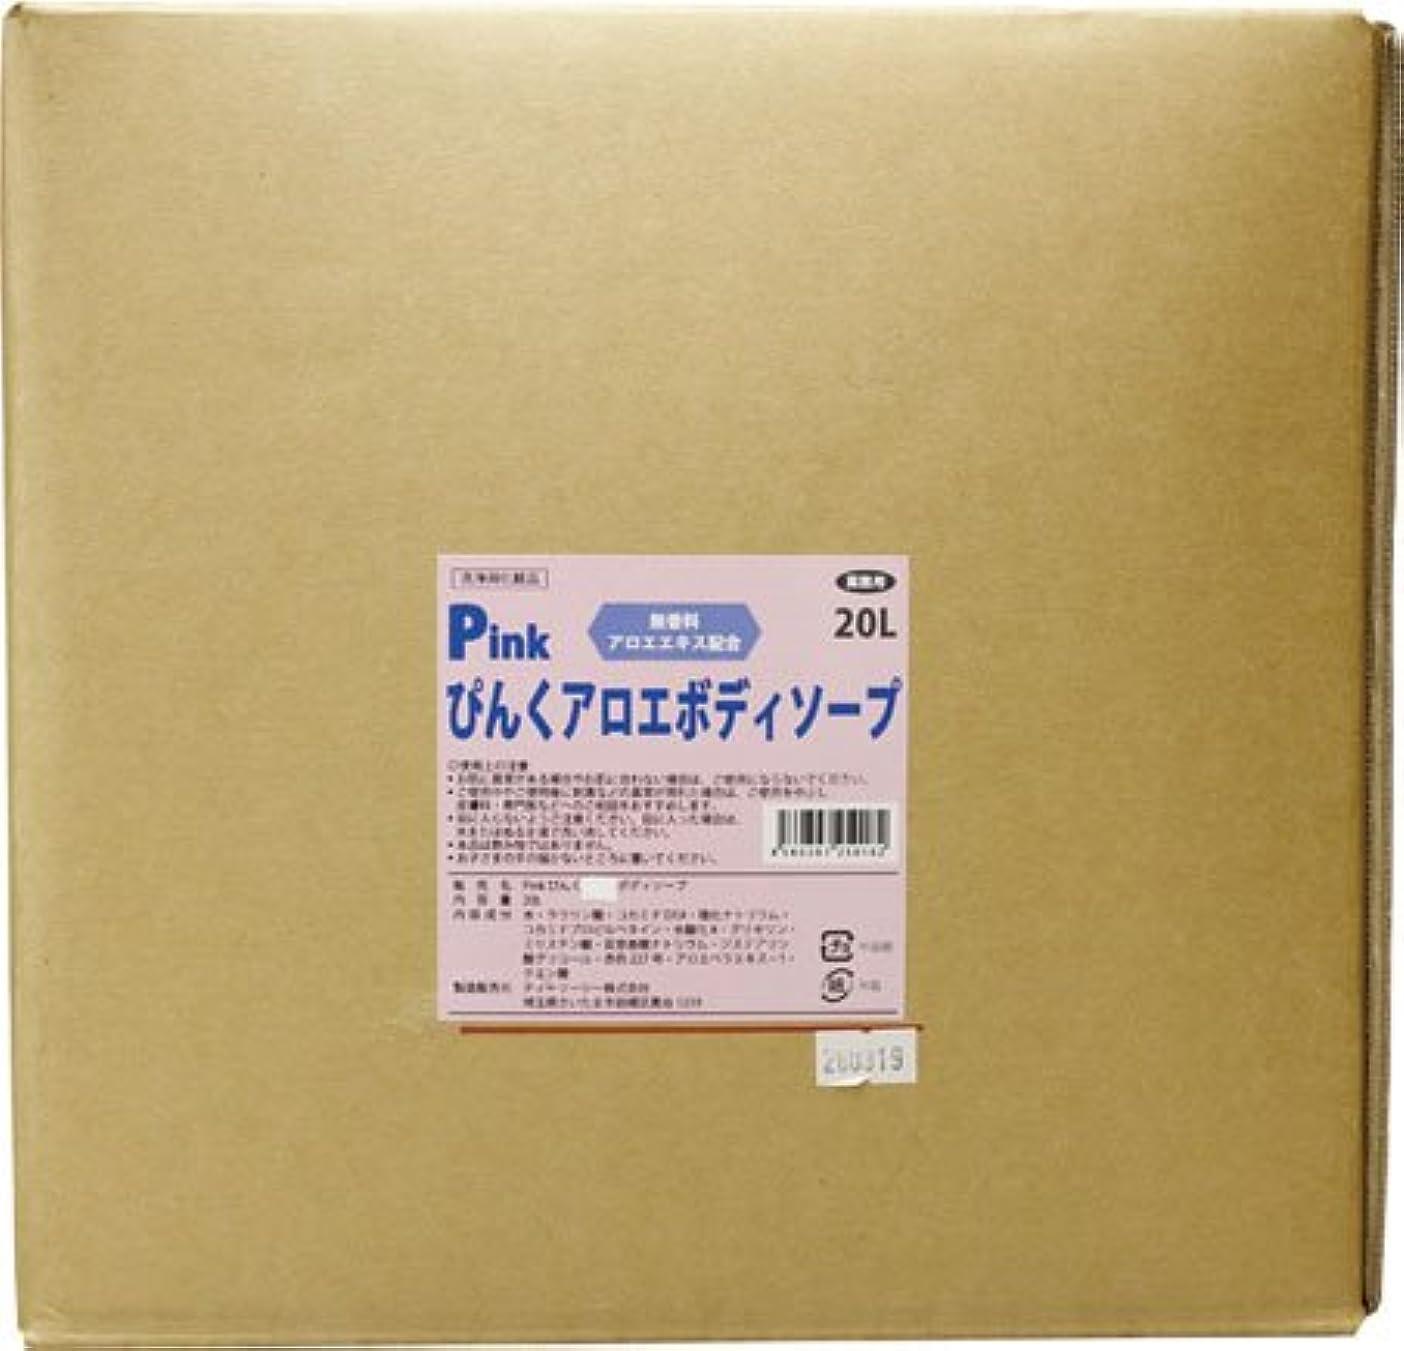 フォーカスに対応レール【無香料】【アロエ成分配合】モナミPINKぴんくボディソープ20L